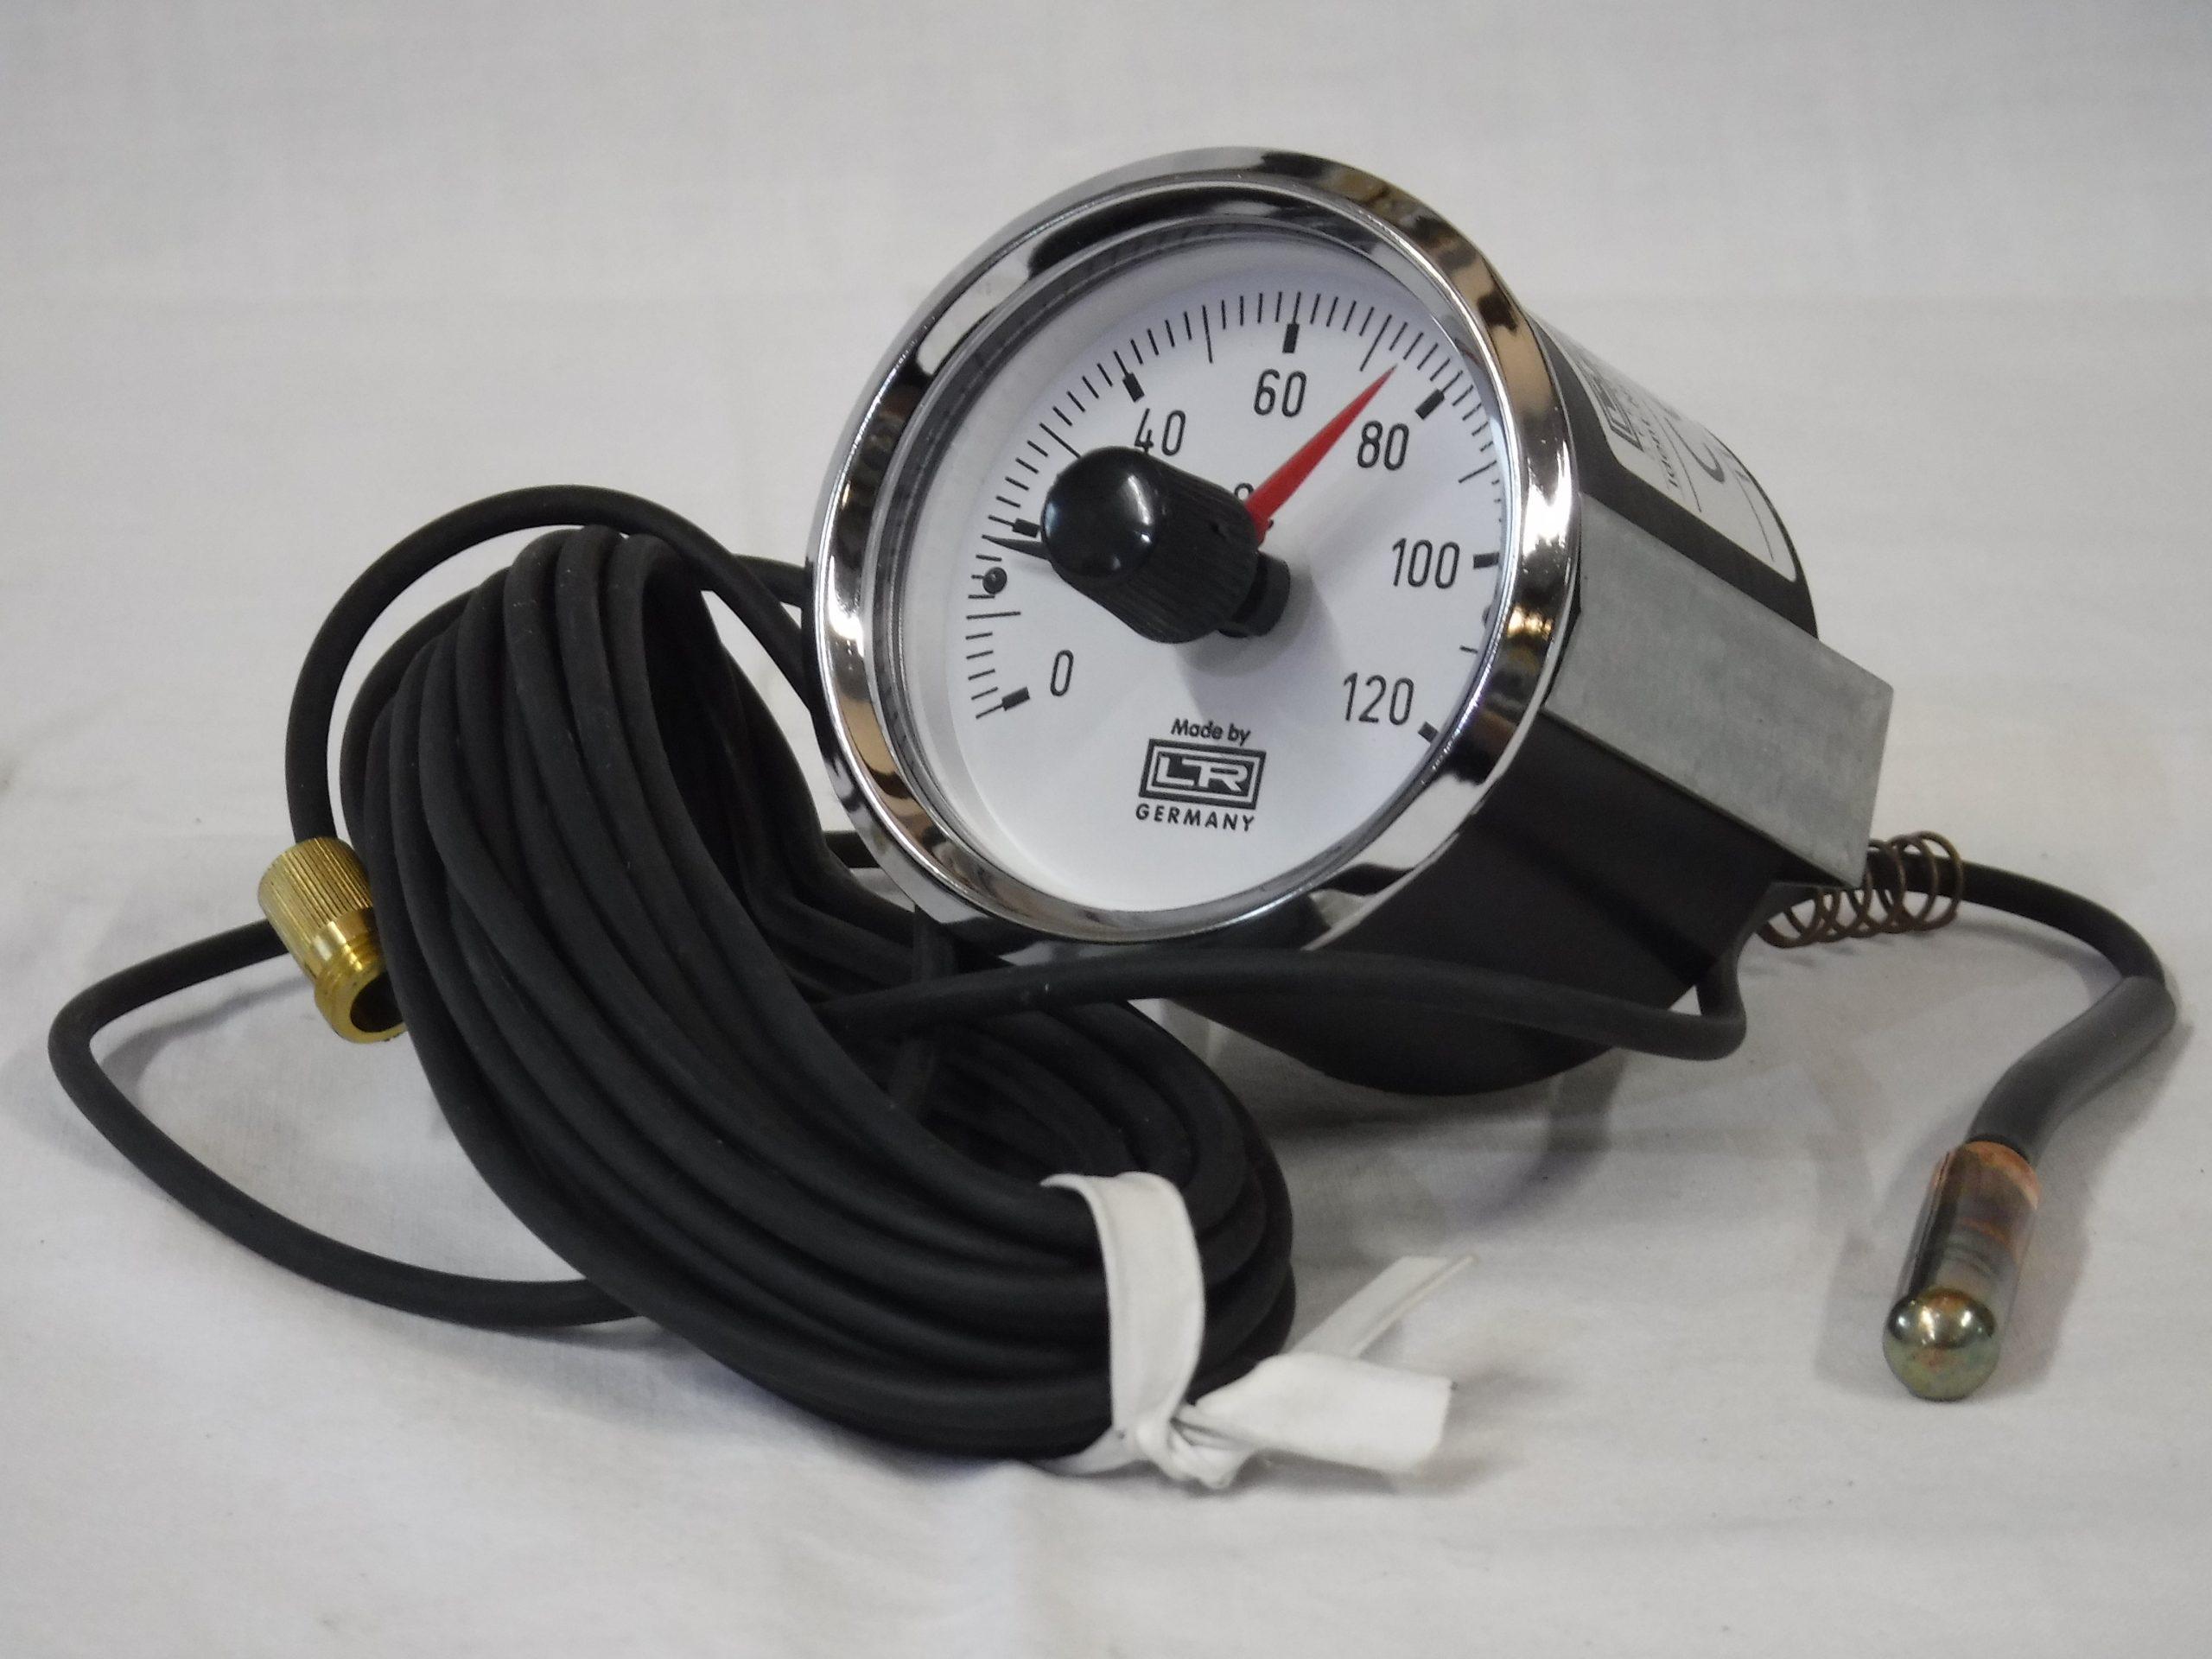 Termometer z nastavljivo blokado